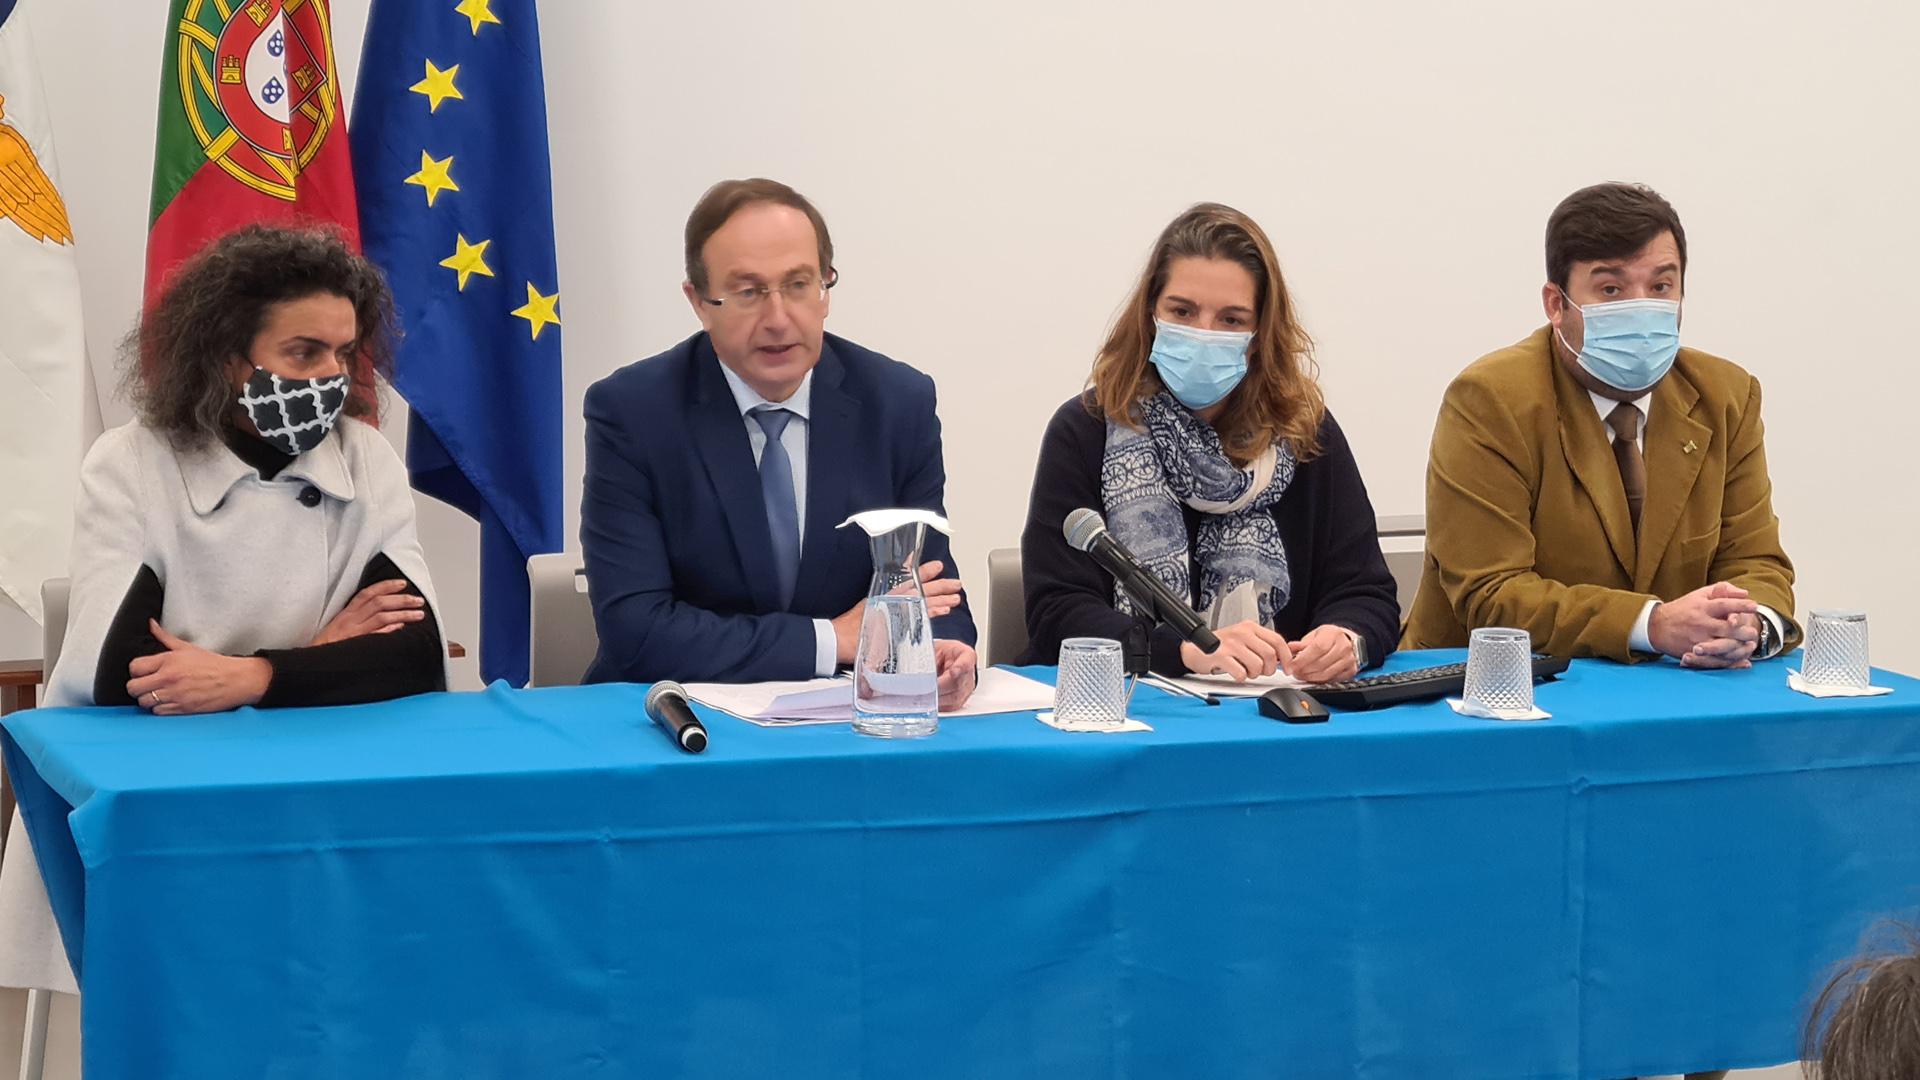 Apresentação pública do Plano e do Orçamento da Escola do Mar dos Açores 2021 e da Estratégia de Intervenção Setorial para a fileira da pesca